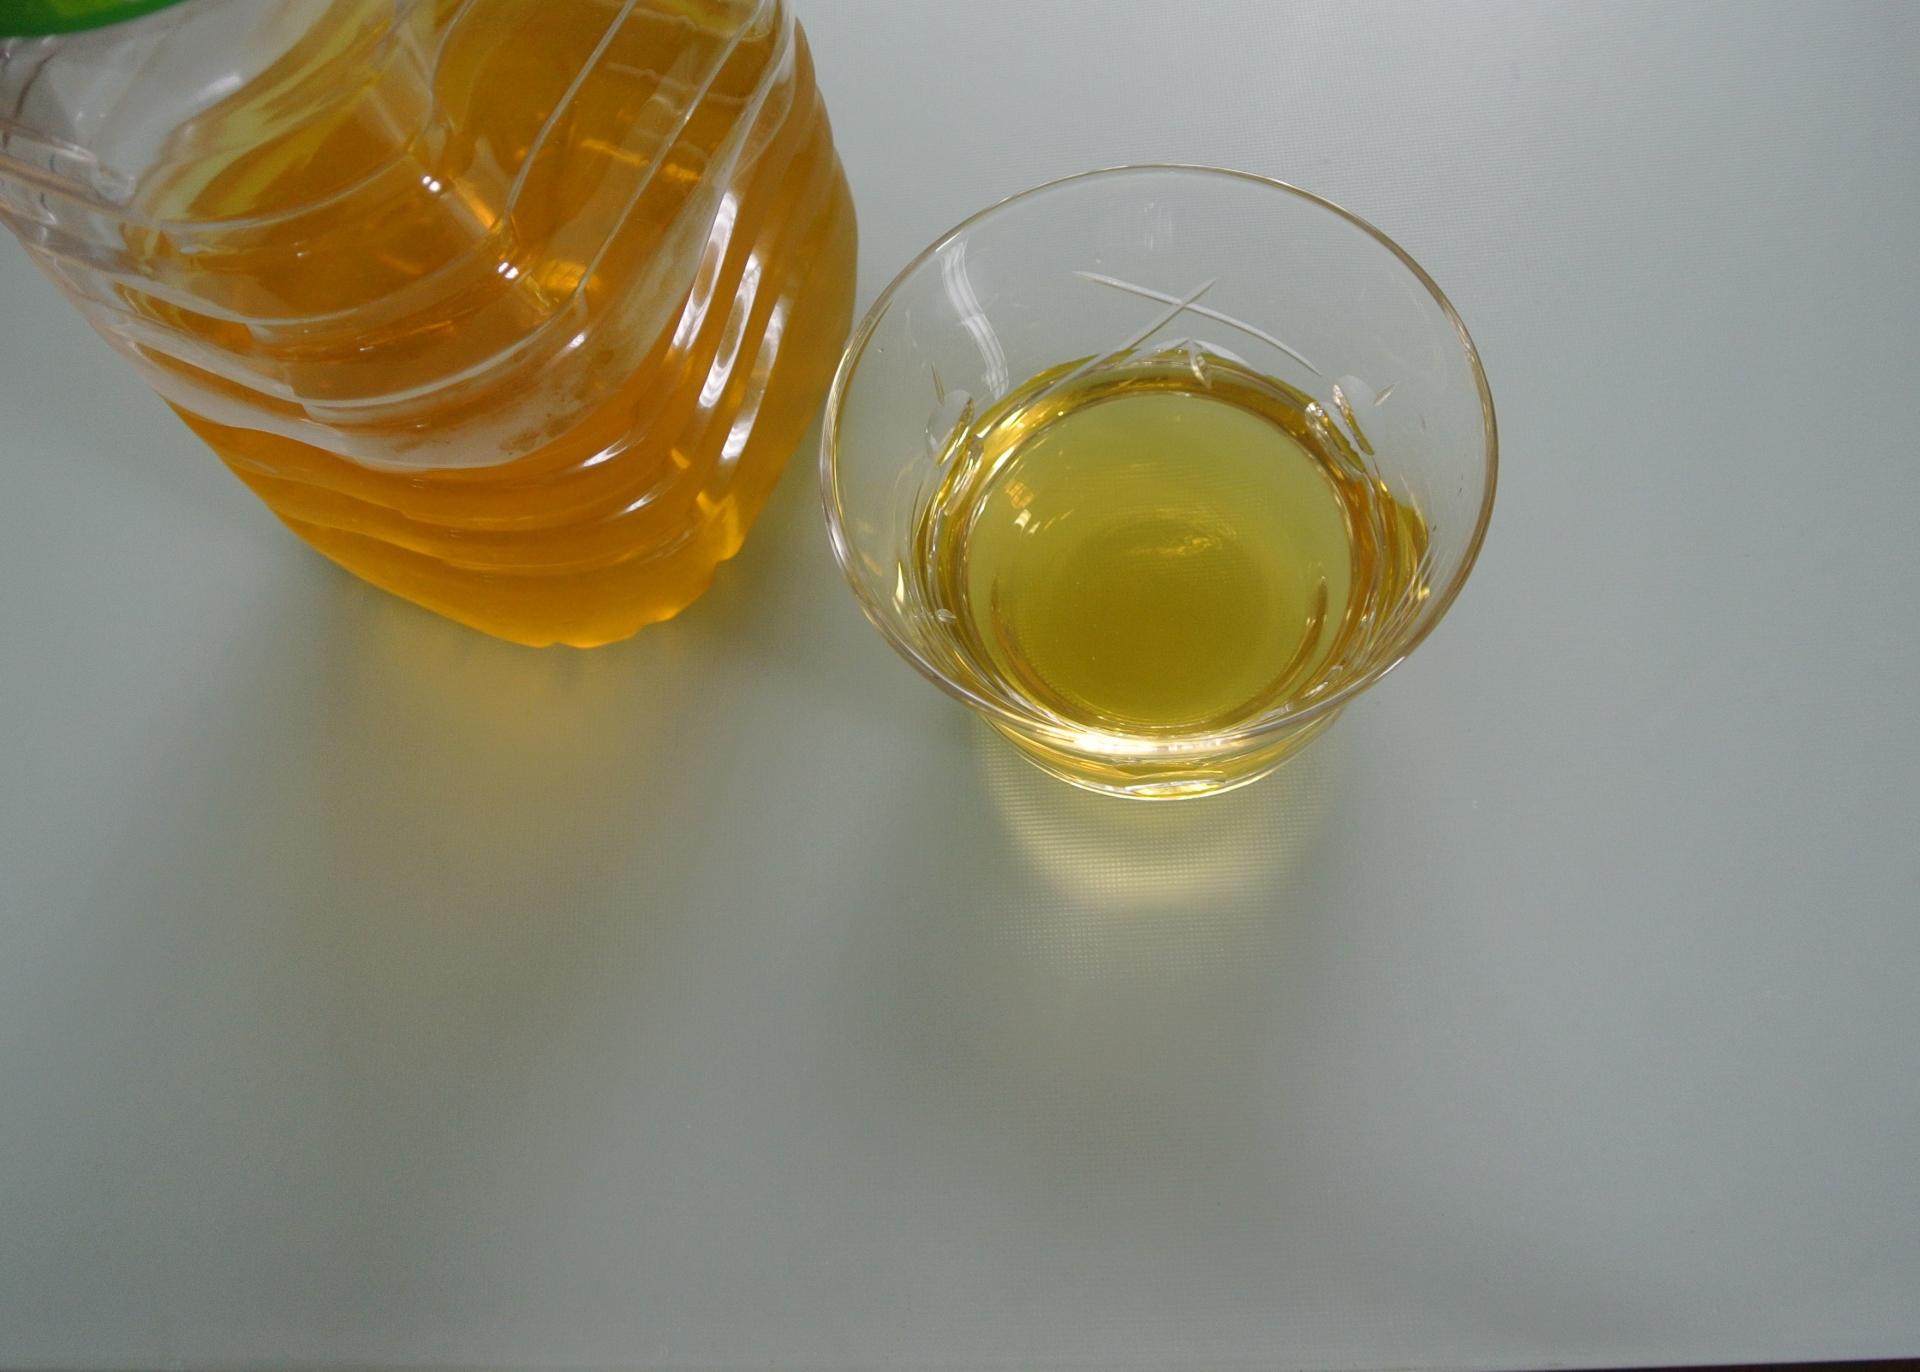 緑茶2Lペットボトルセットが通販なら安くて玄関まで運んでもらえる!